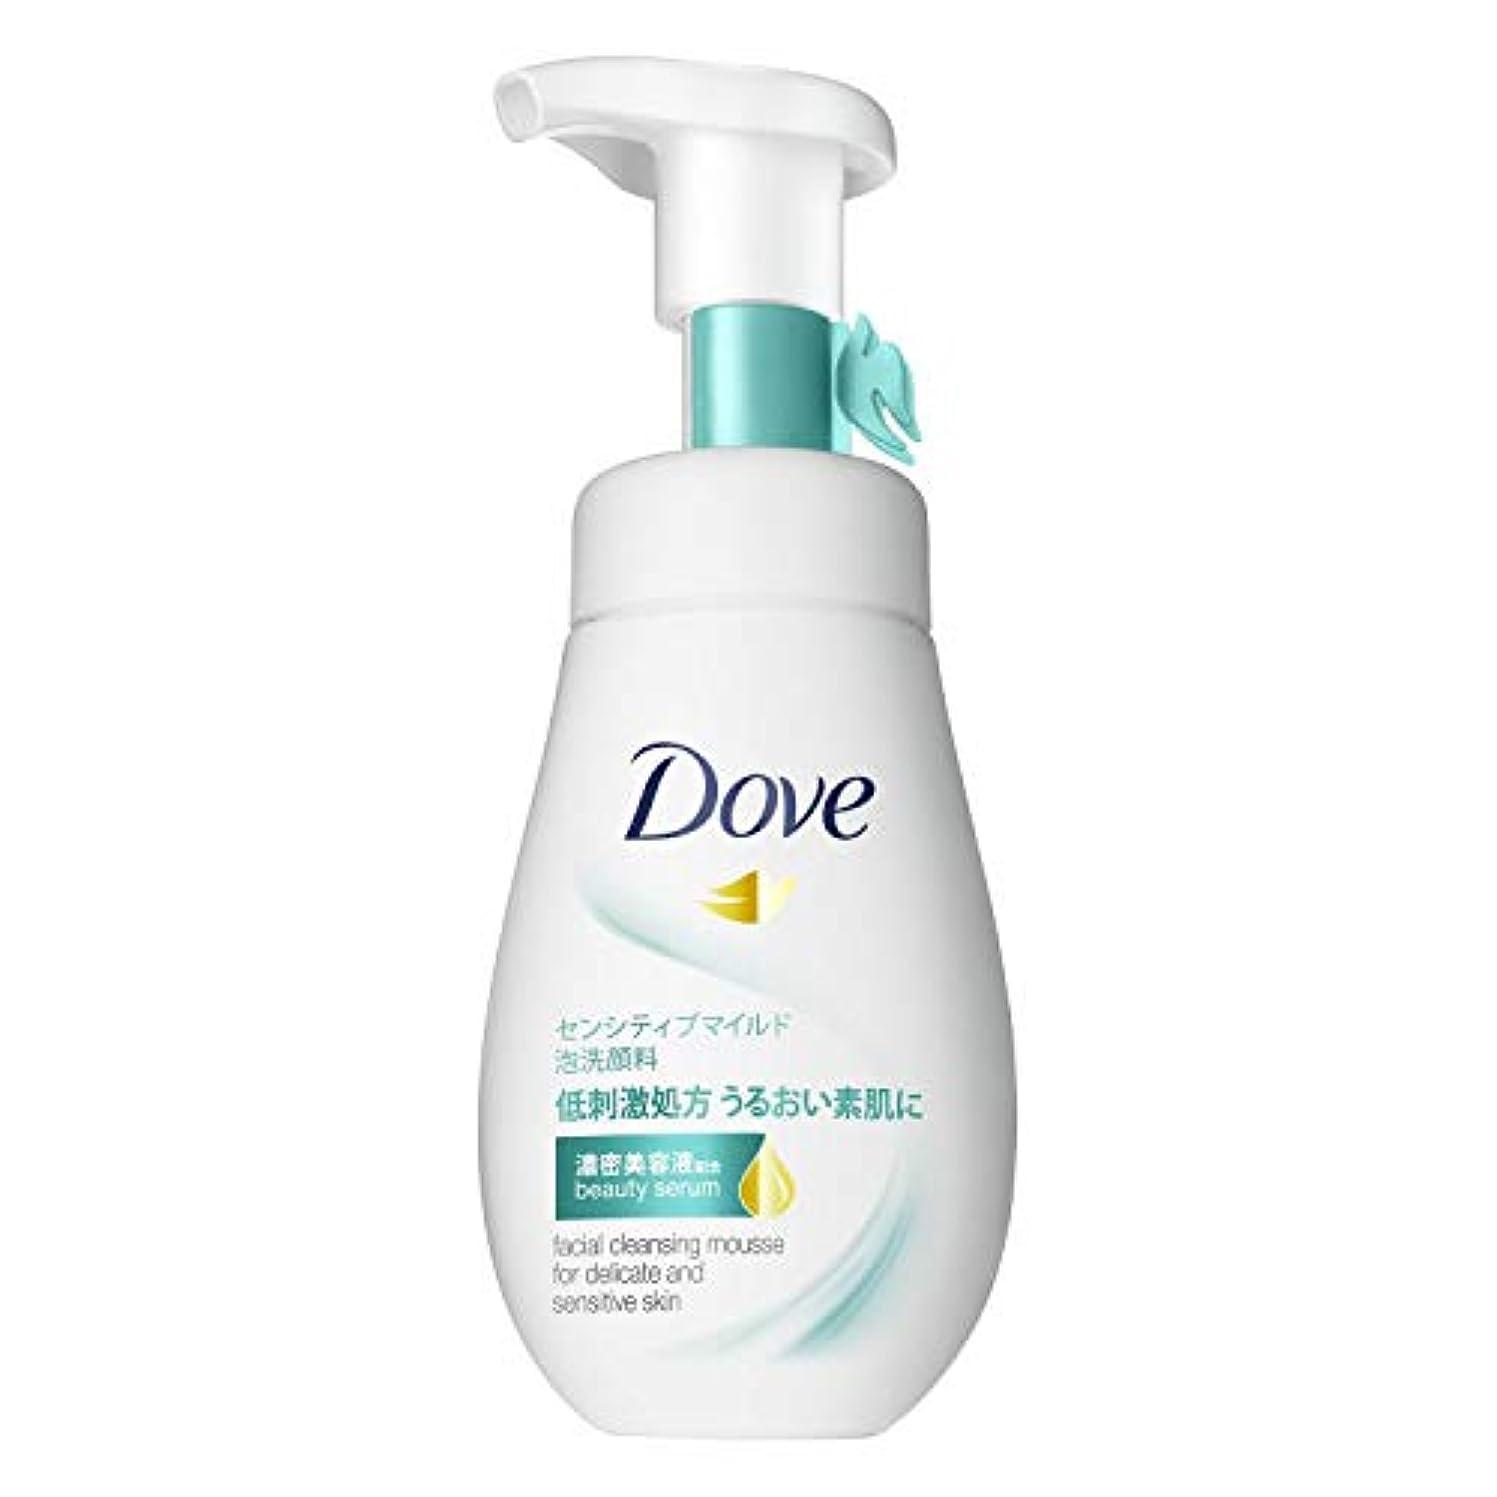 サンプル聞きます壁紙ダヴ センシティブマイルド クリーミー泡洗顔料 敏感肌用 160mL